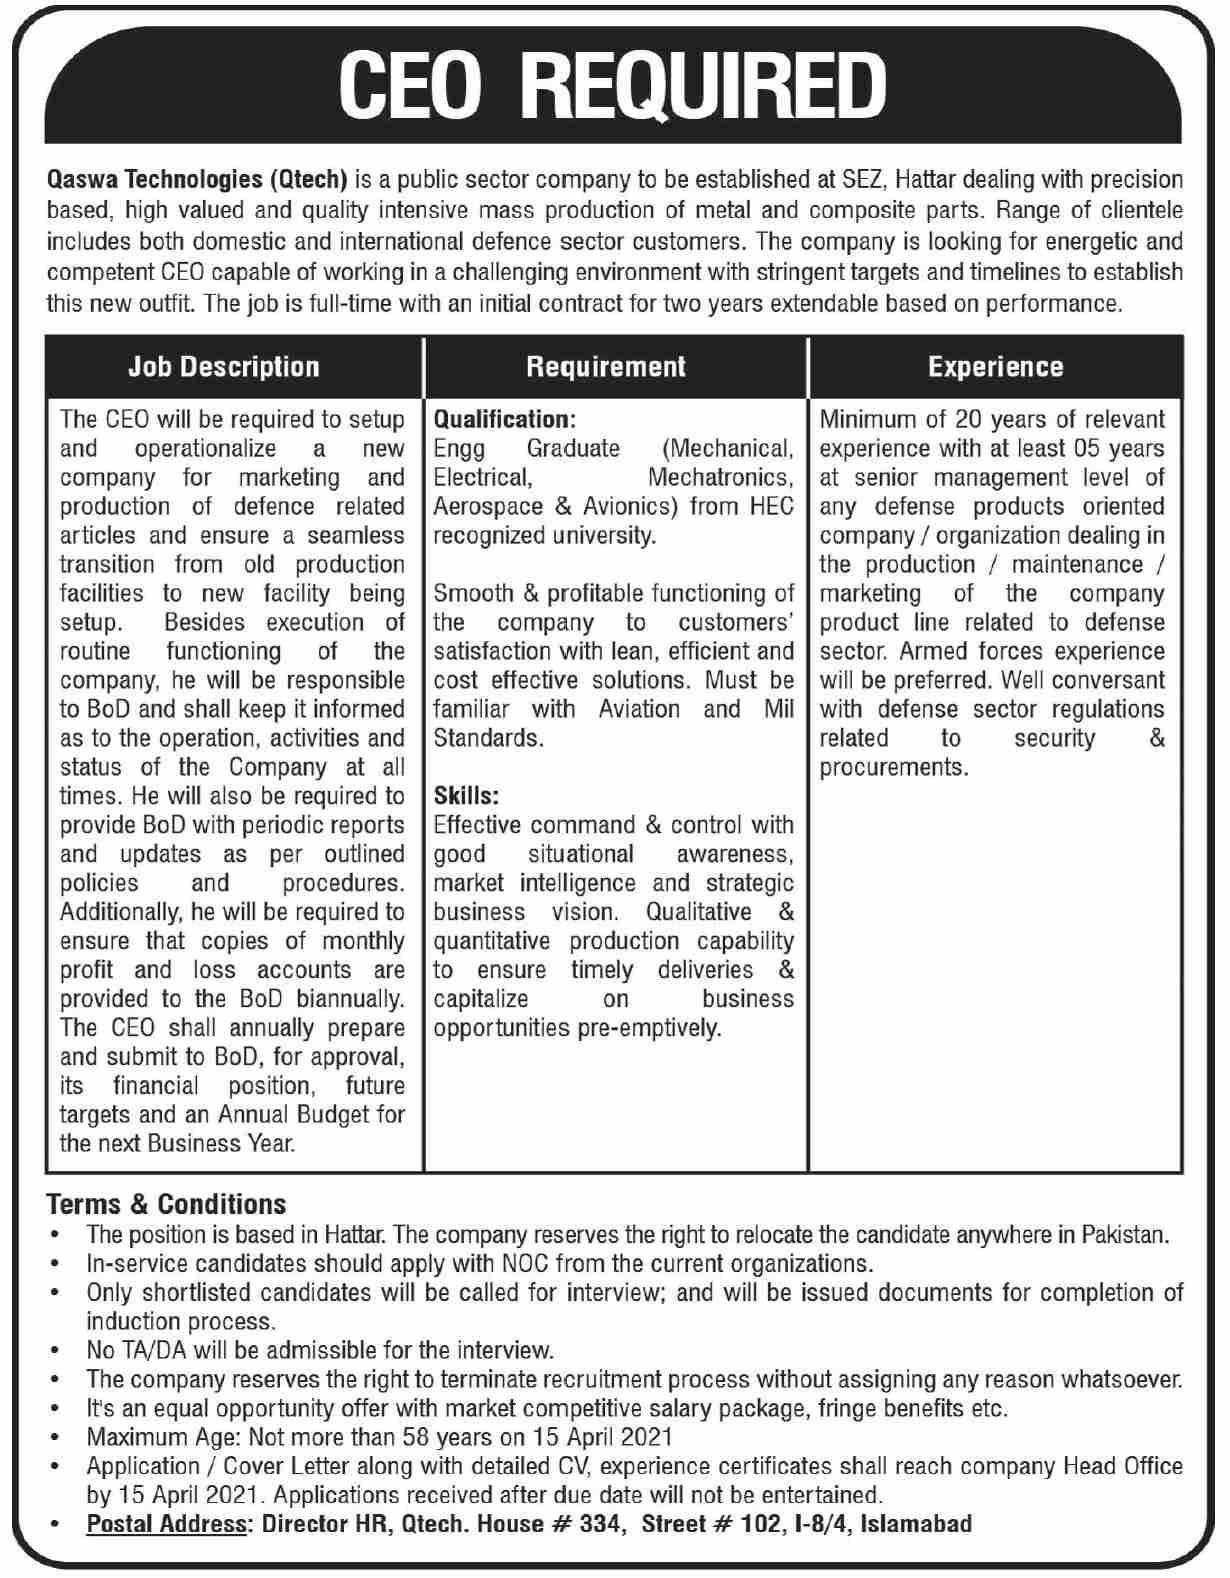 Qaswa Technologies (Qtech) Jobs 2021 in Pakistan